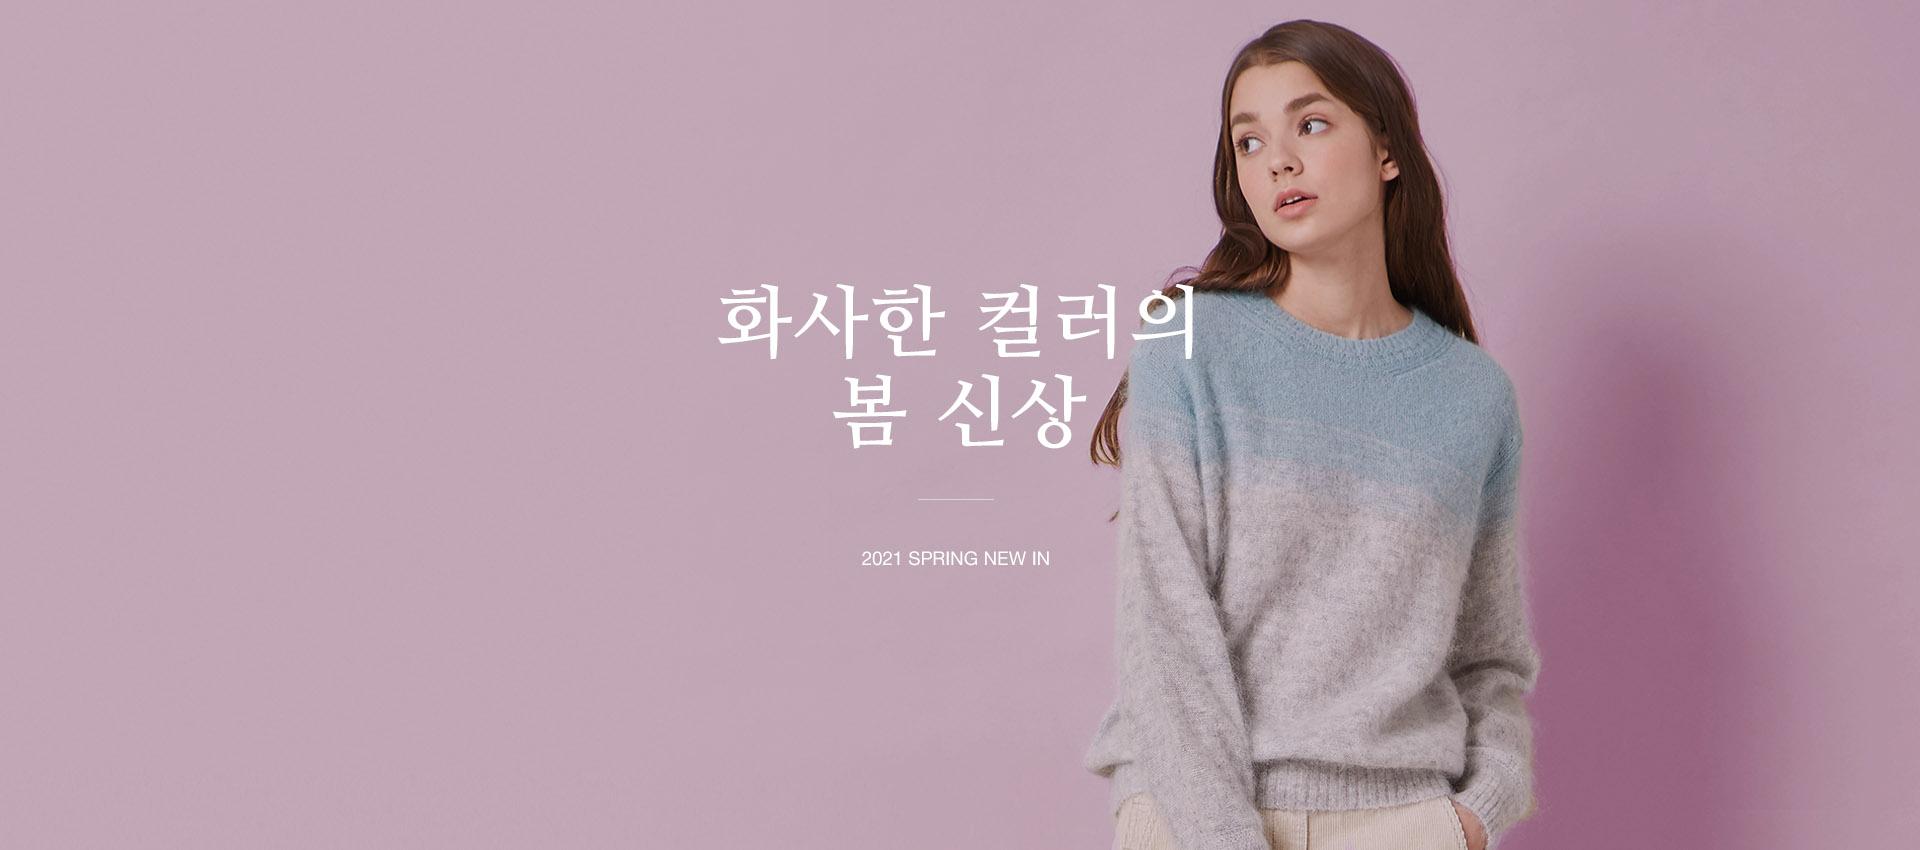 상단배너1_2021 SPRING NEW IN 화사한 컬러의 봄신상